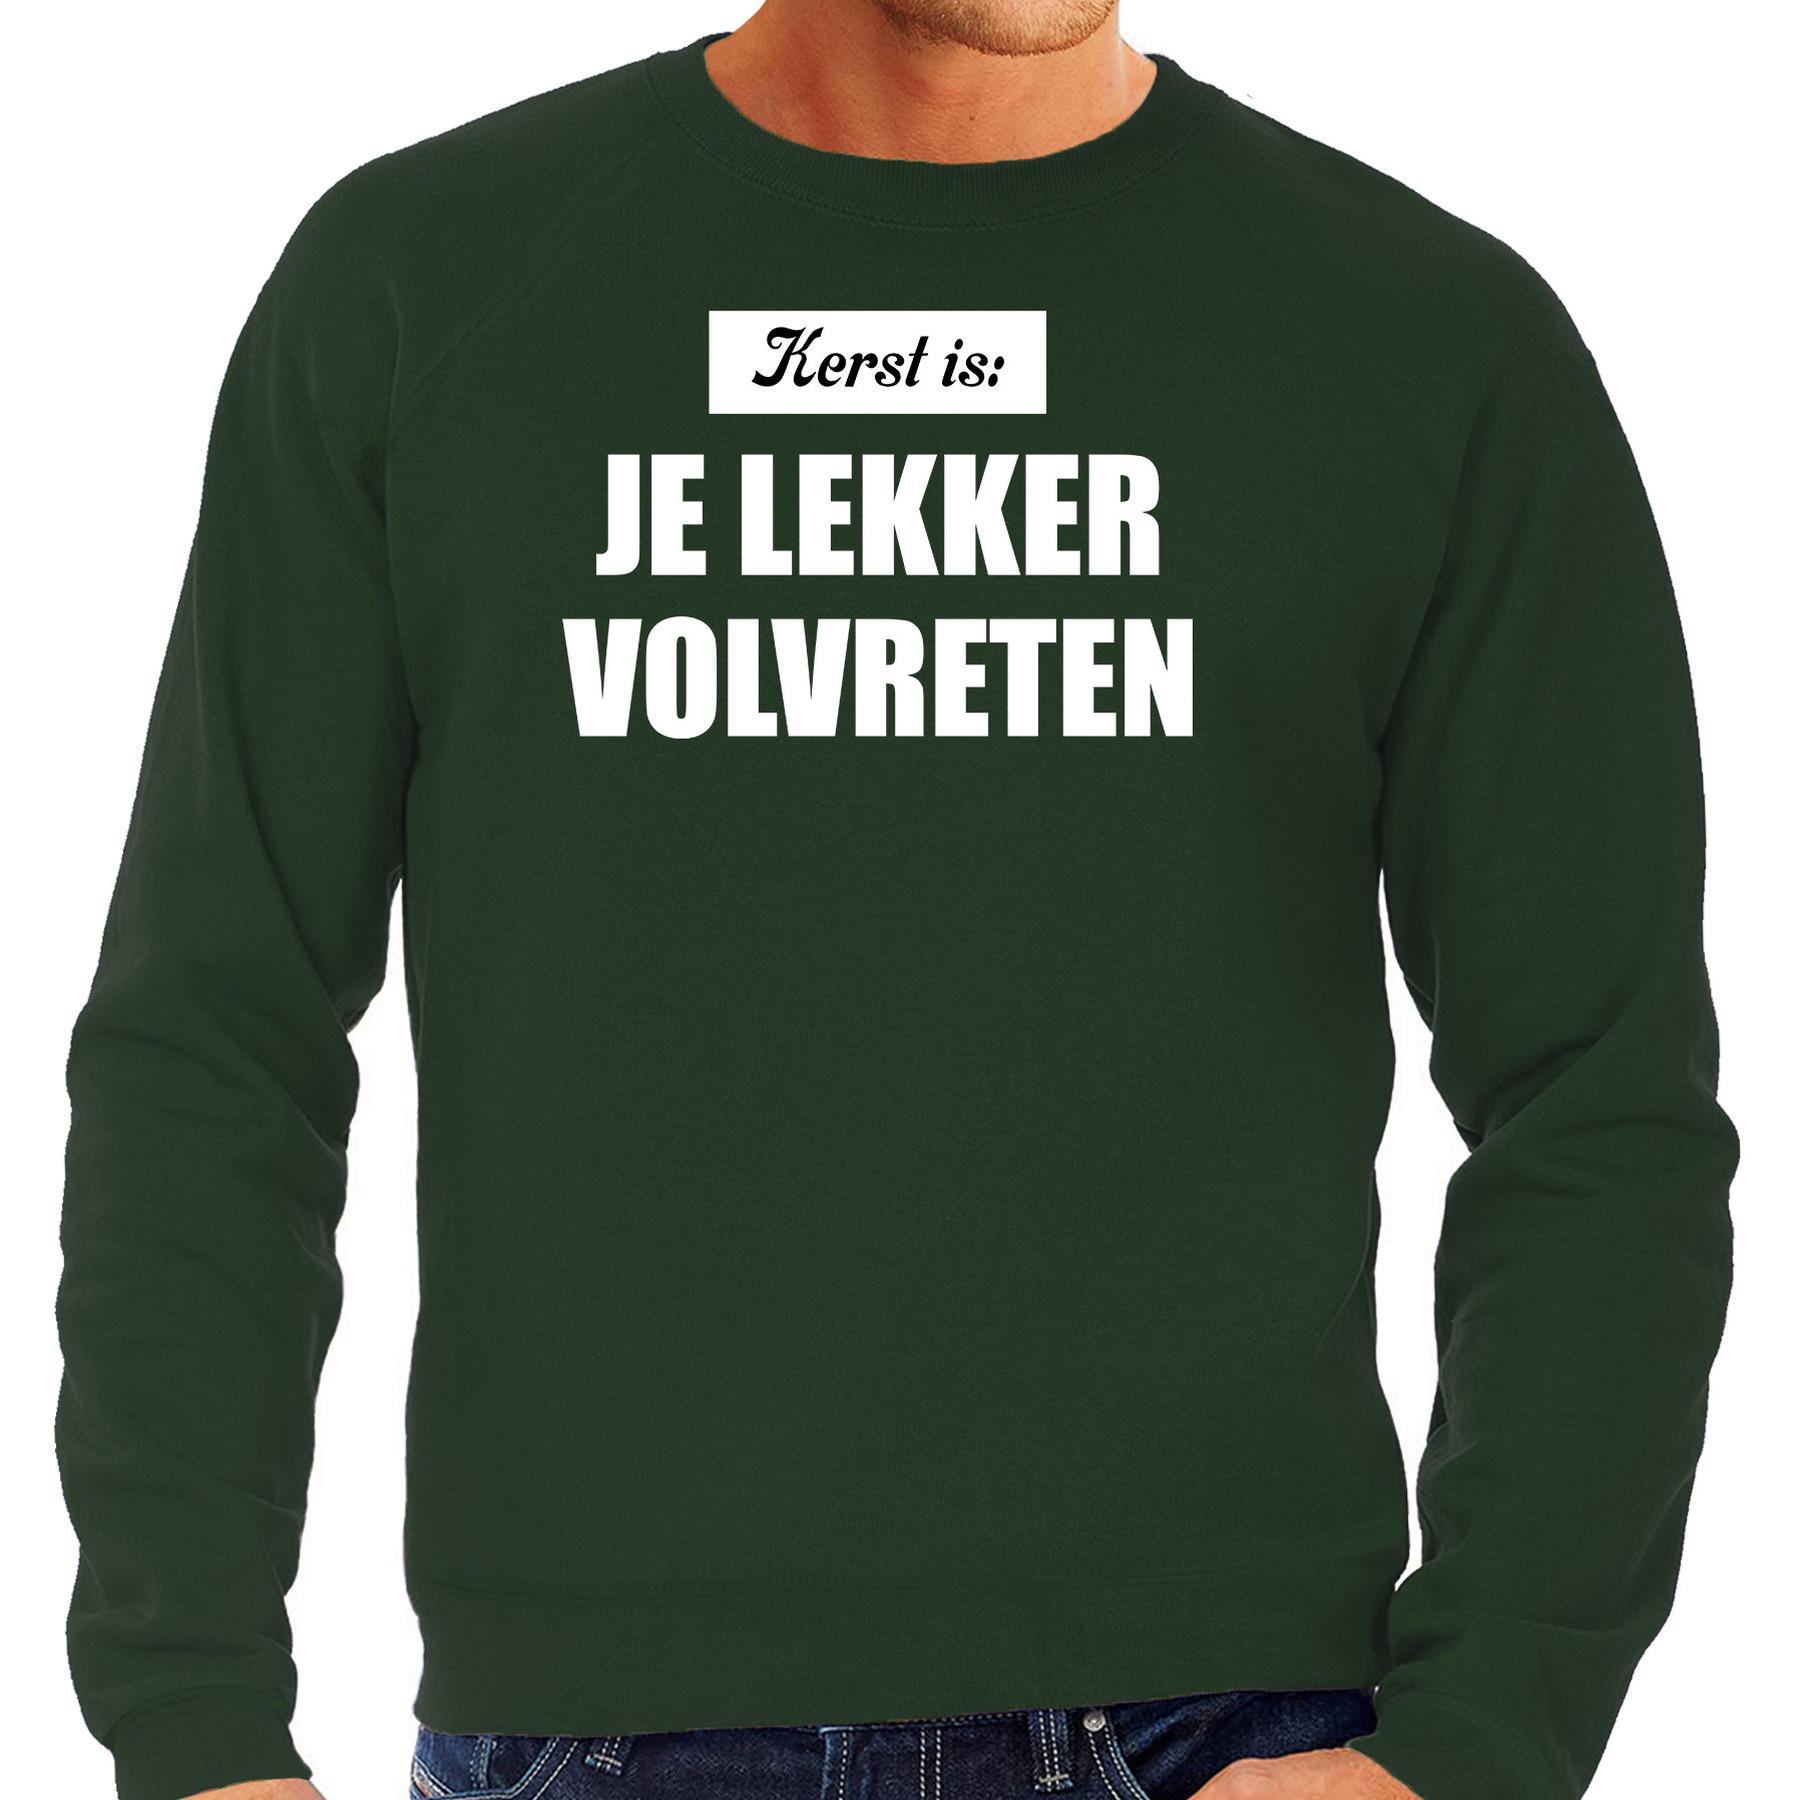 Groene Kerstsweater - Kerstkleding Kerst is: je lekker volvreten voor heren M -